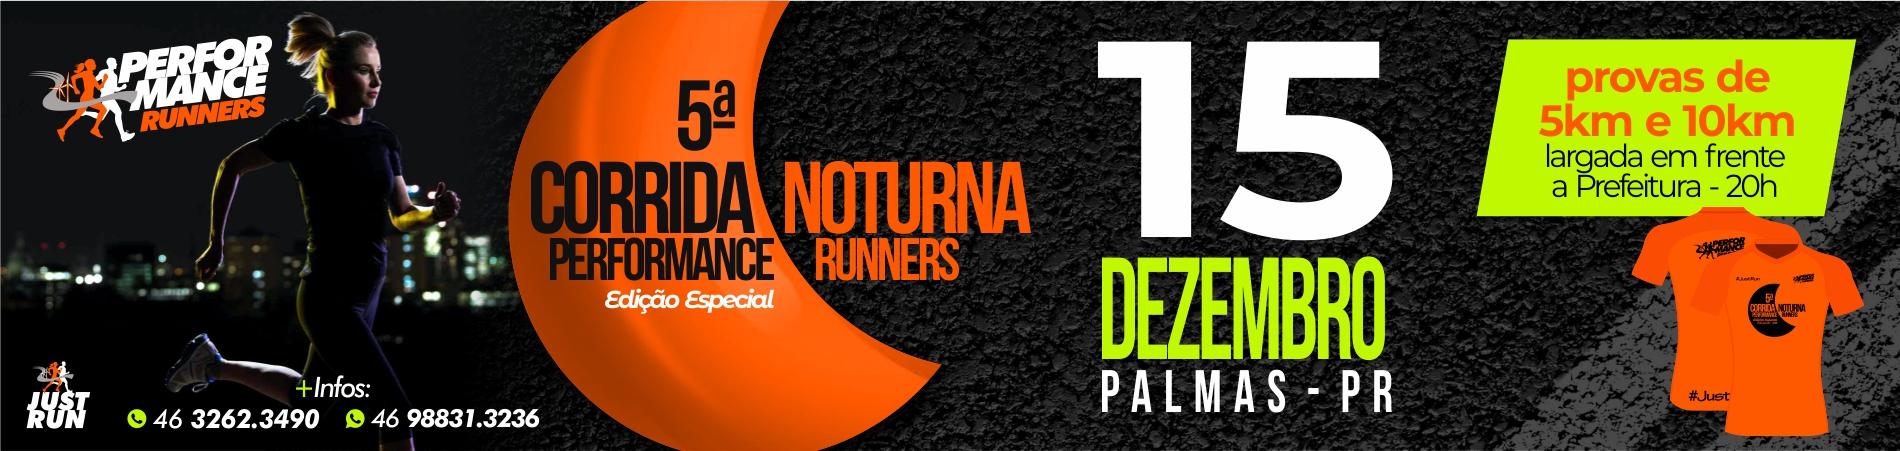 V Corrida noturna performance runners